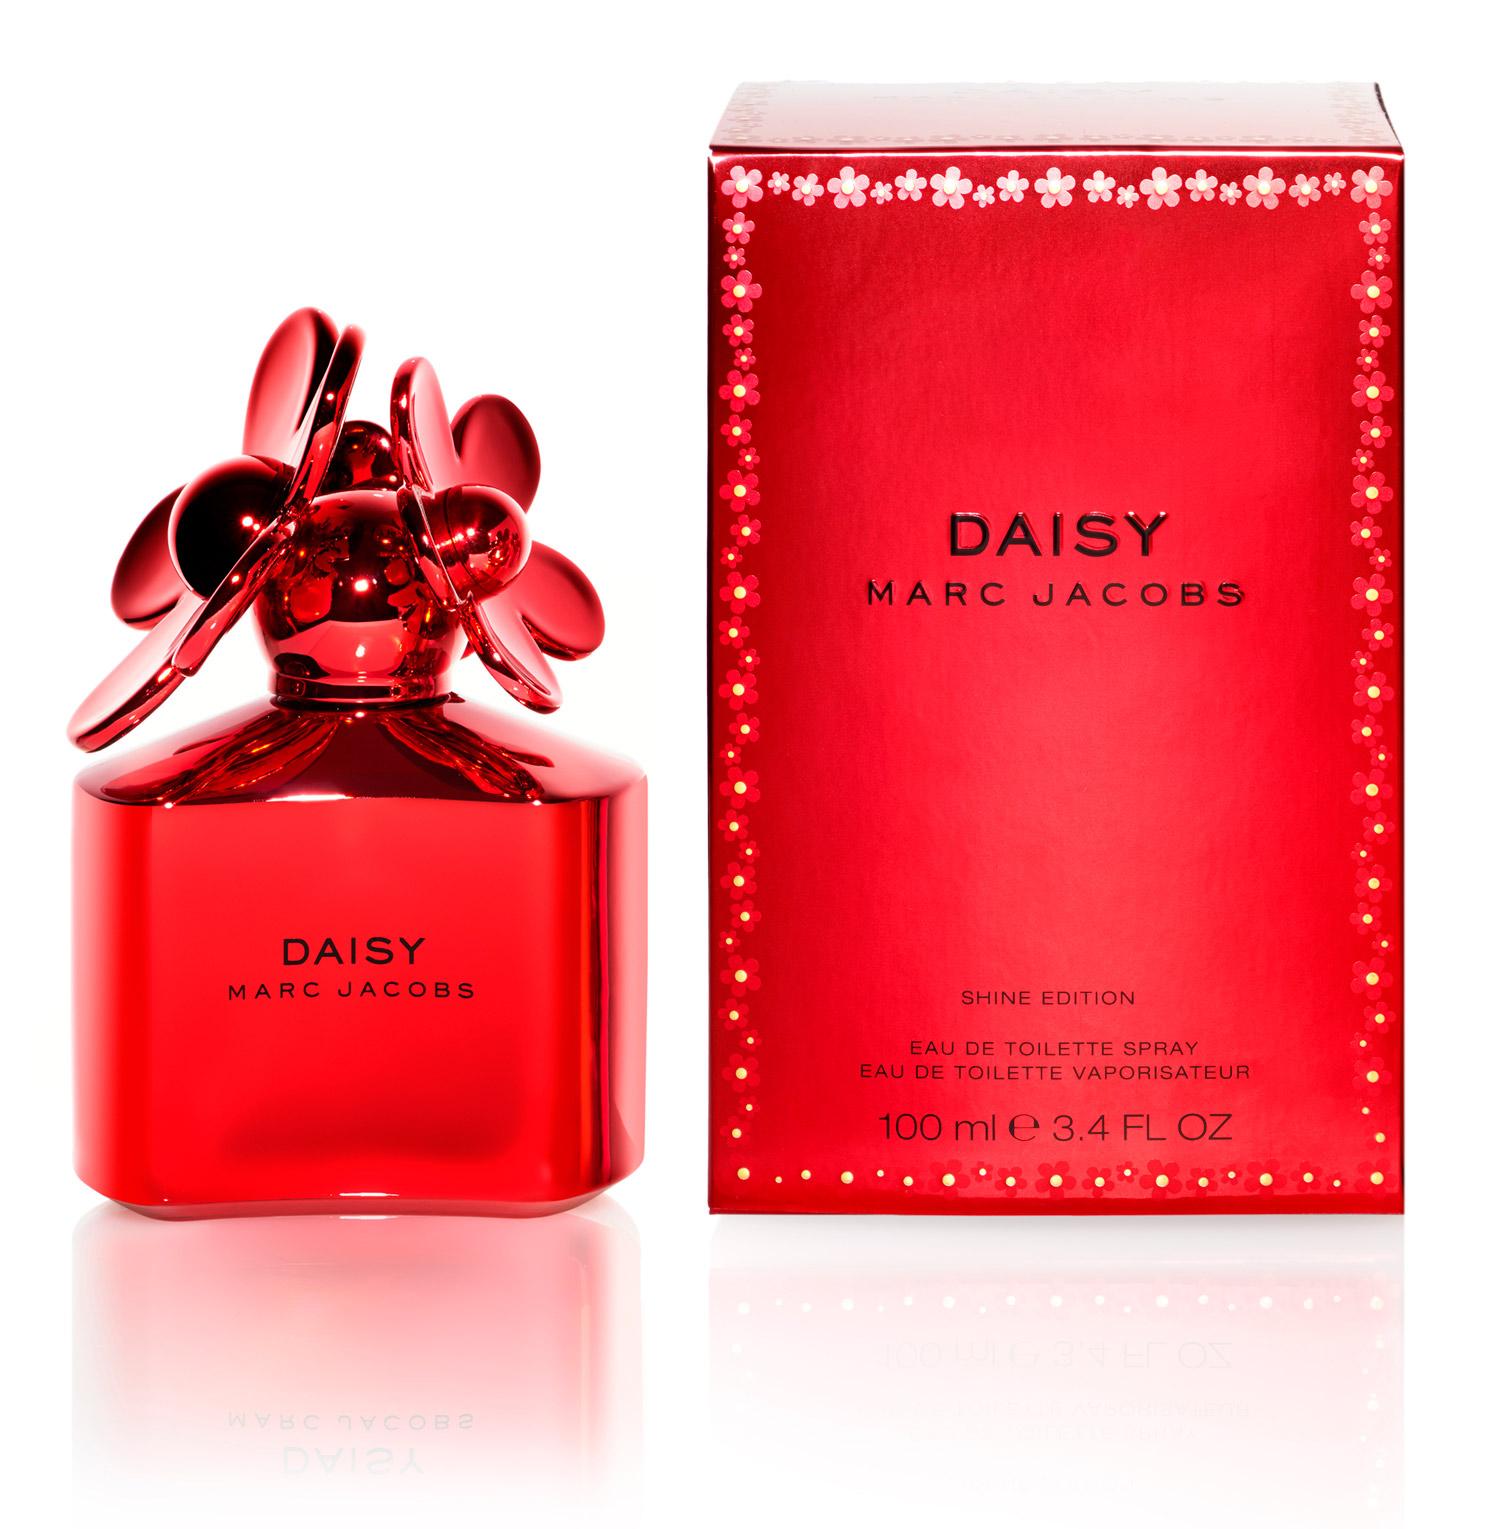 Where Buy Daisy Perfume